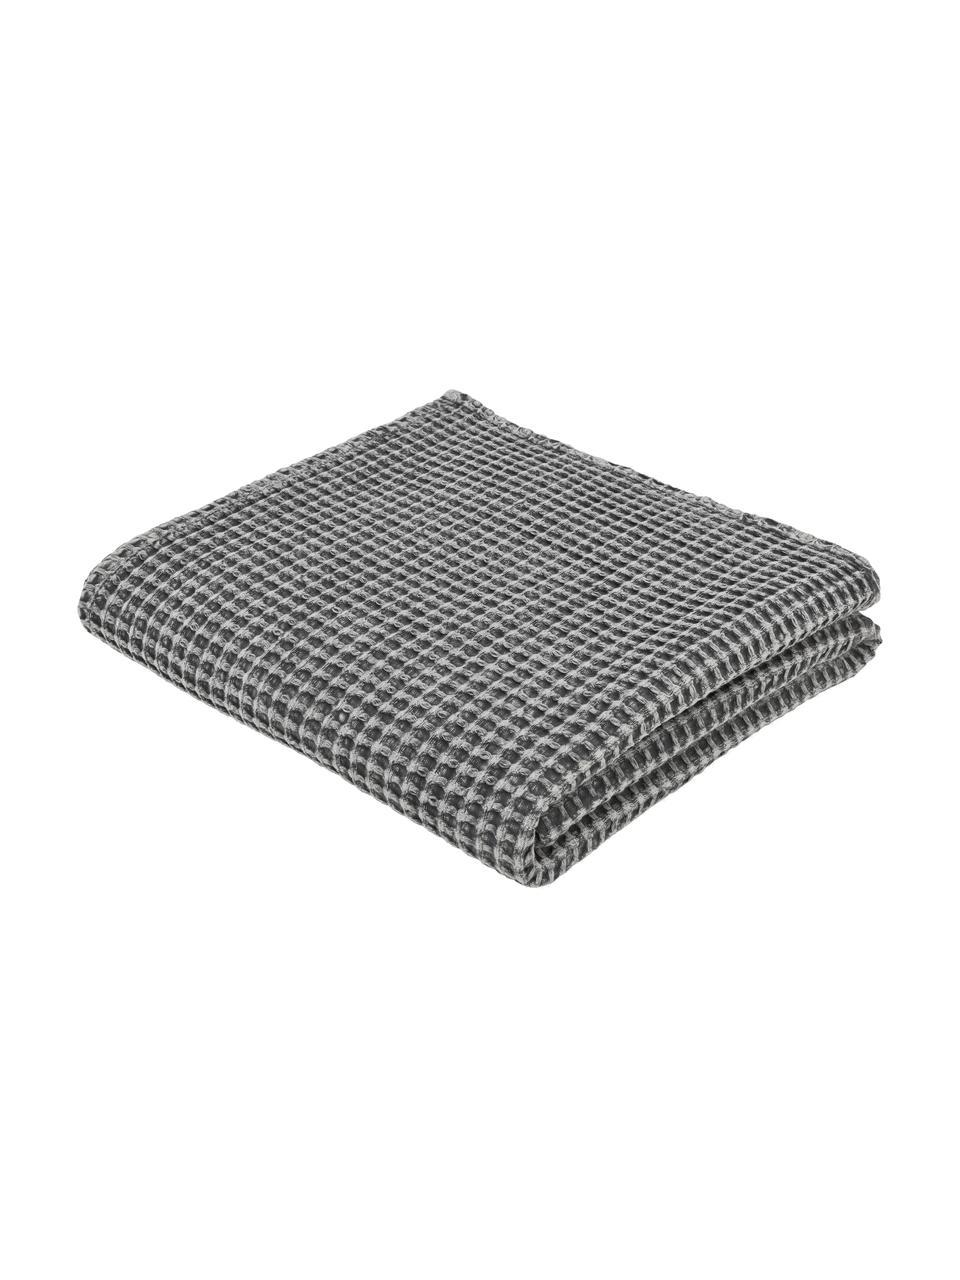 Narzuta z piki Kikai, 100% bawełna, Szary, S 180 x D 260 cm (na łóżka do 160 x 200)